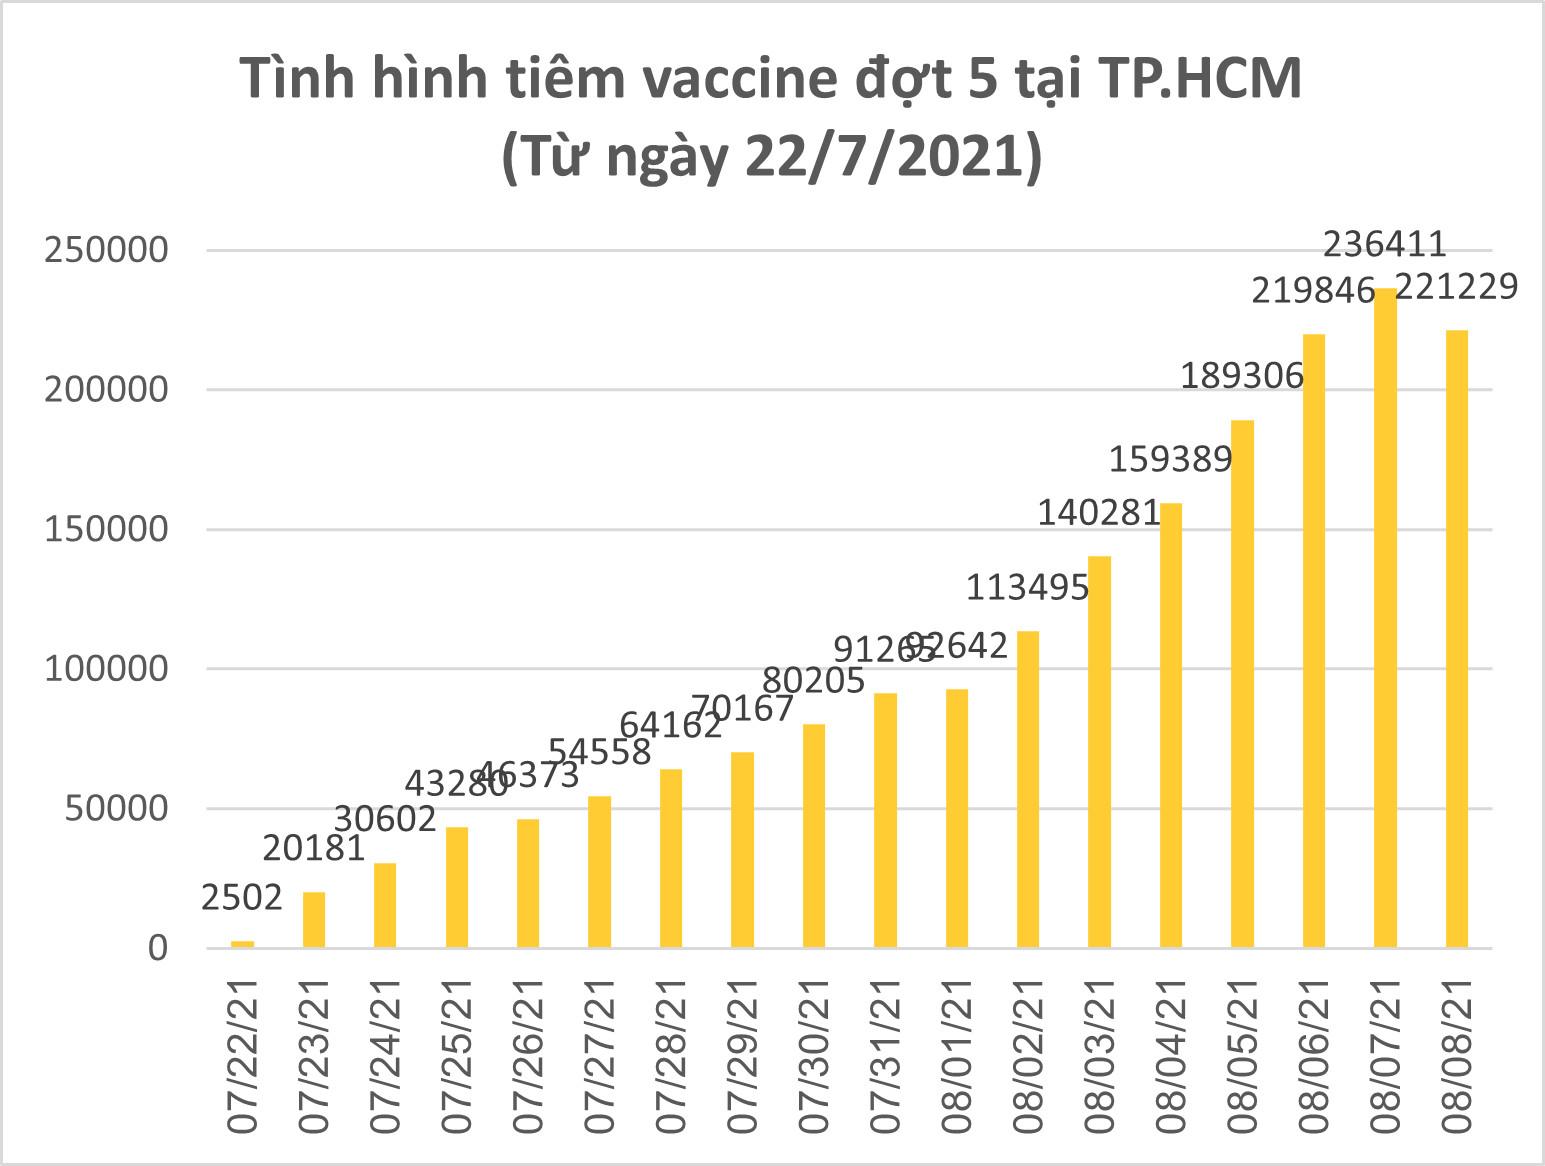 Ngày 8-8, TPHCM có 2.823 ca xuất viện; 221.229 lượt tiêm vaccine ảnh 3